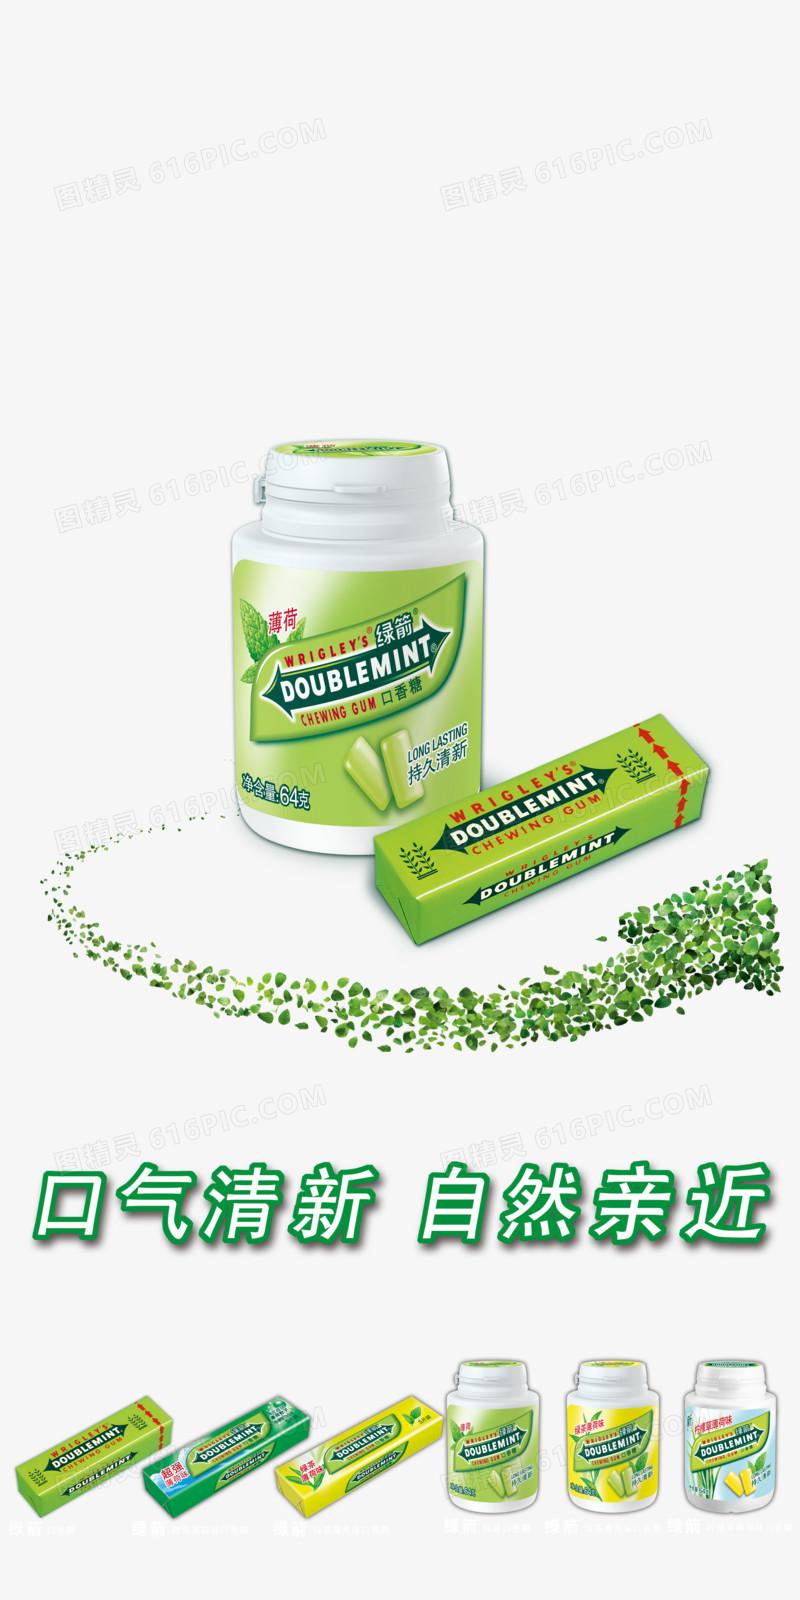 绿箭口香糖图片免费下载_高清png素材_图精灵